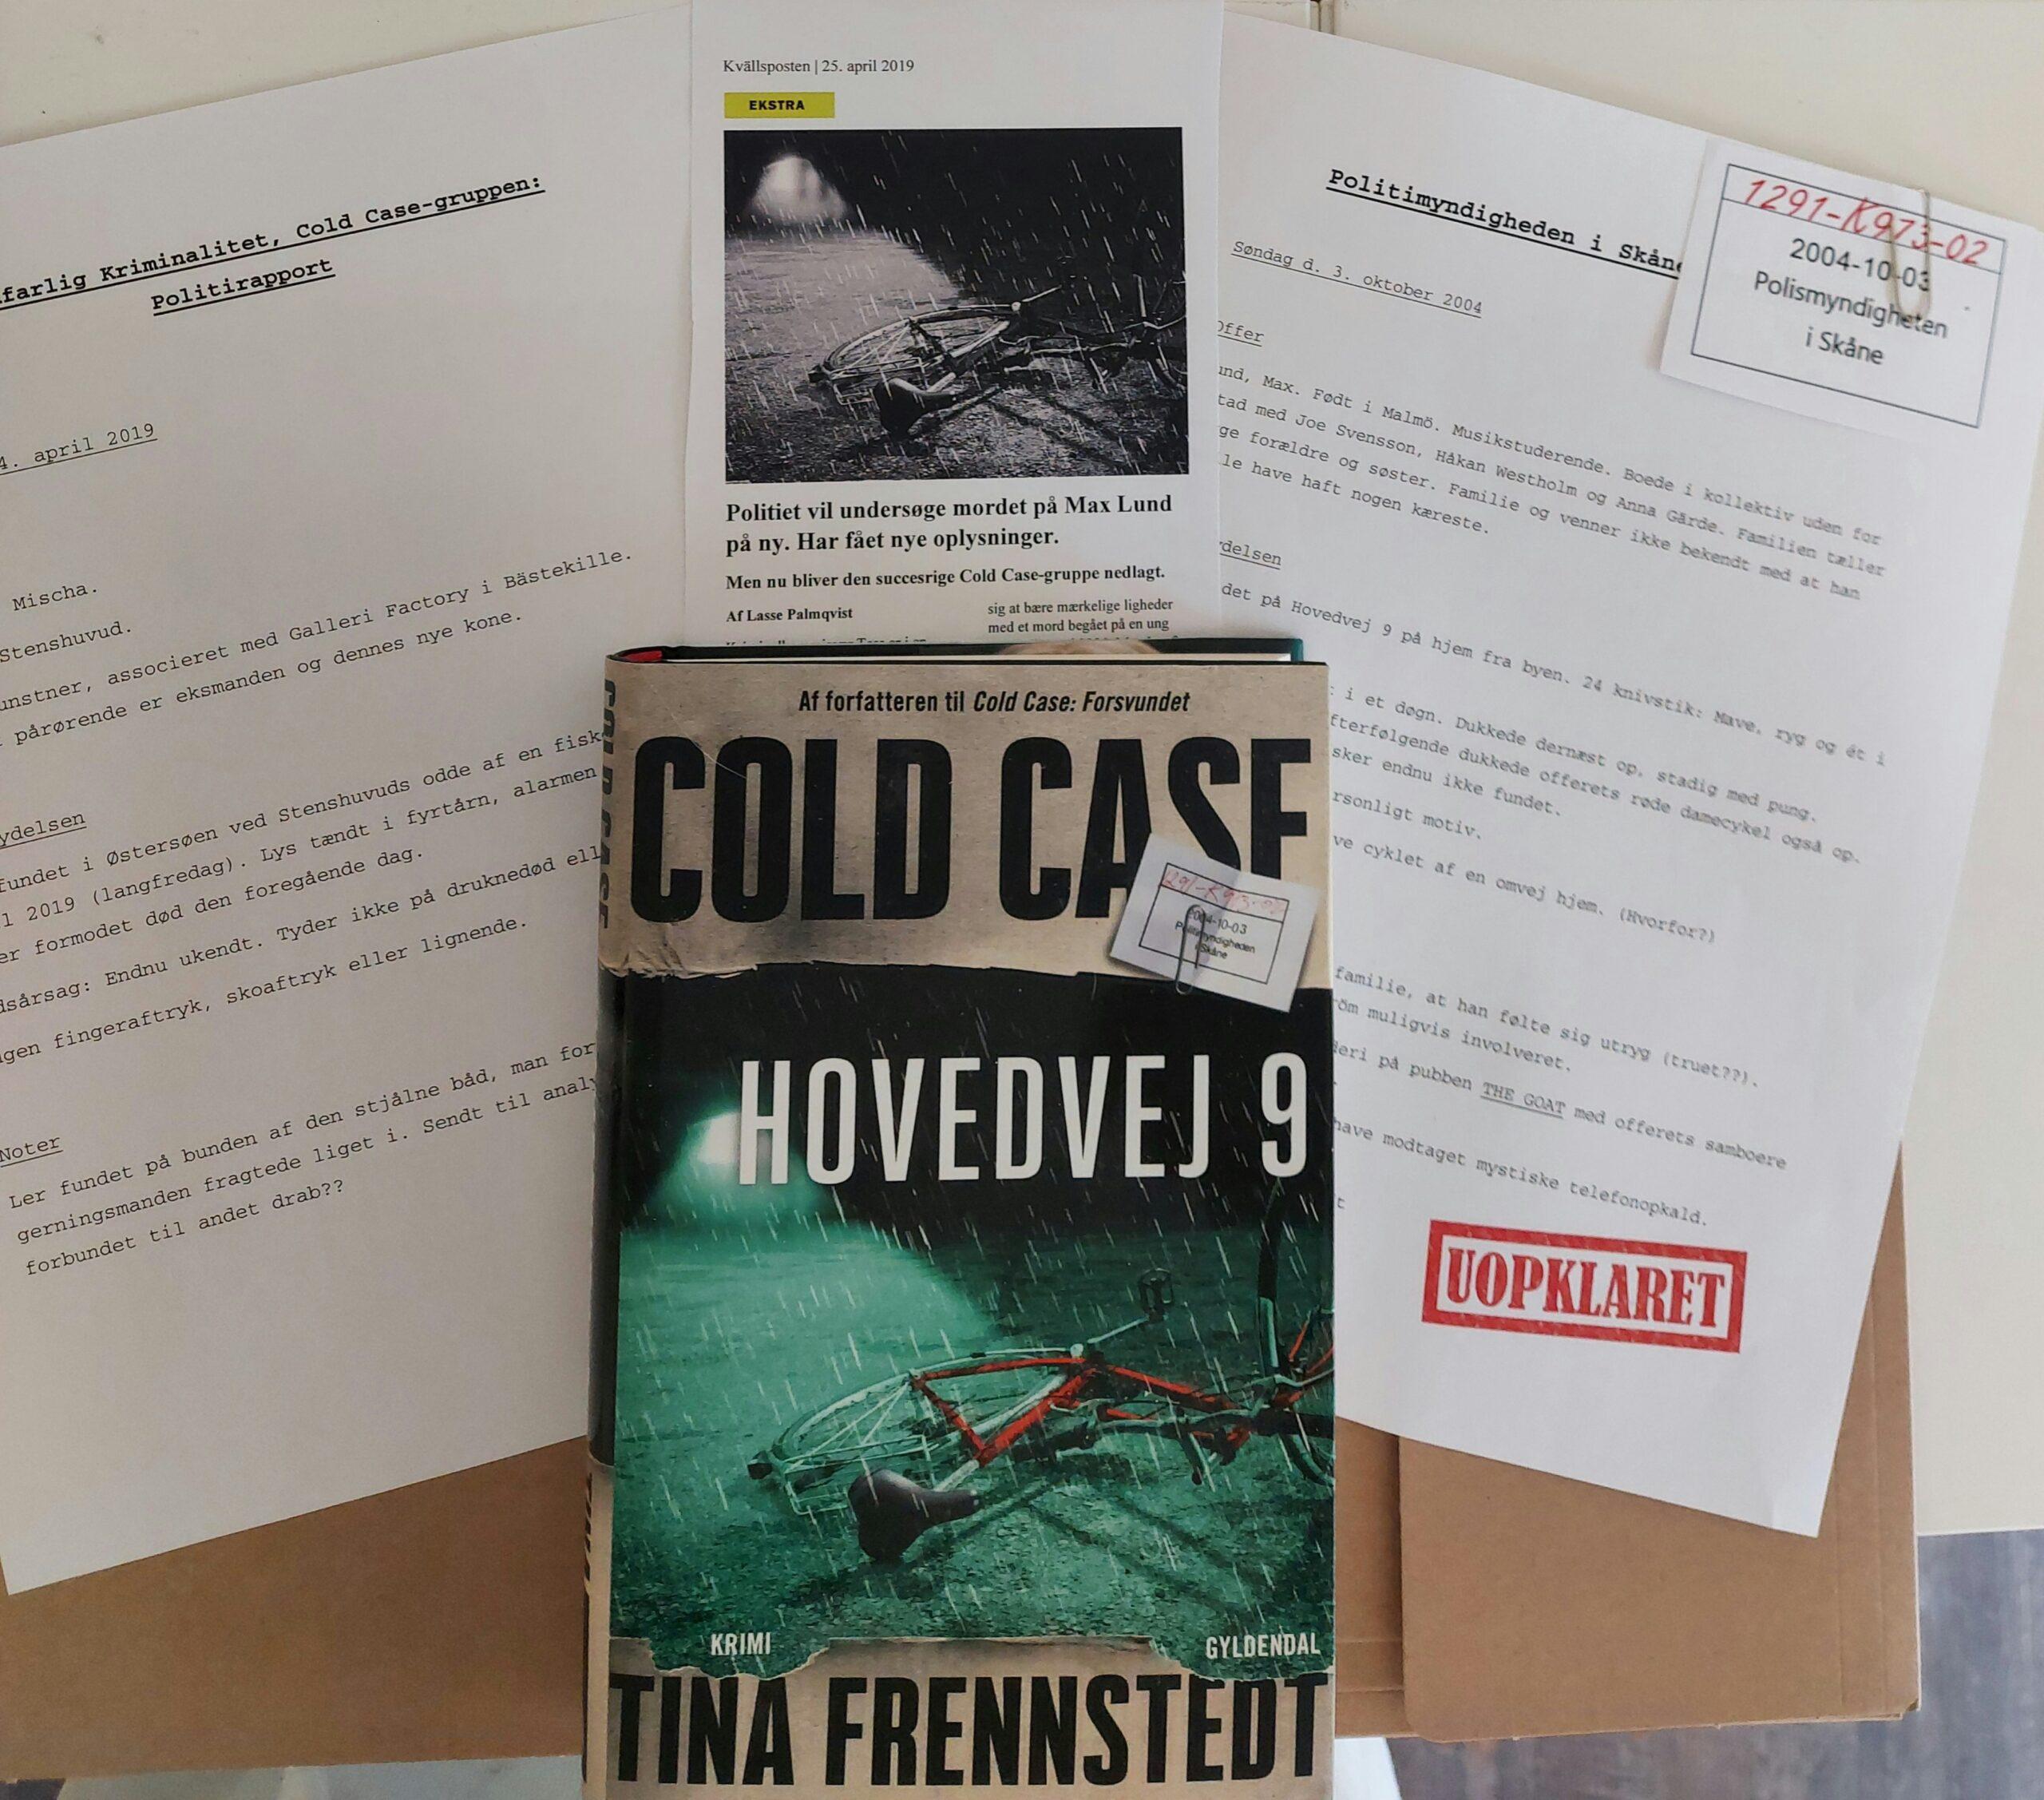 Hovedvej 9 af Tina Frennstedt (Cold case #2)